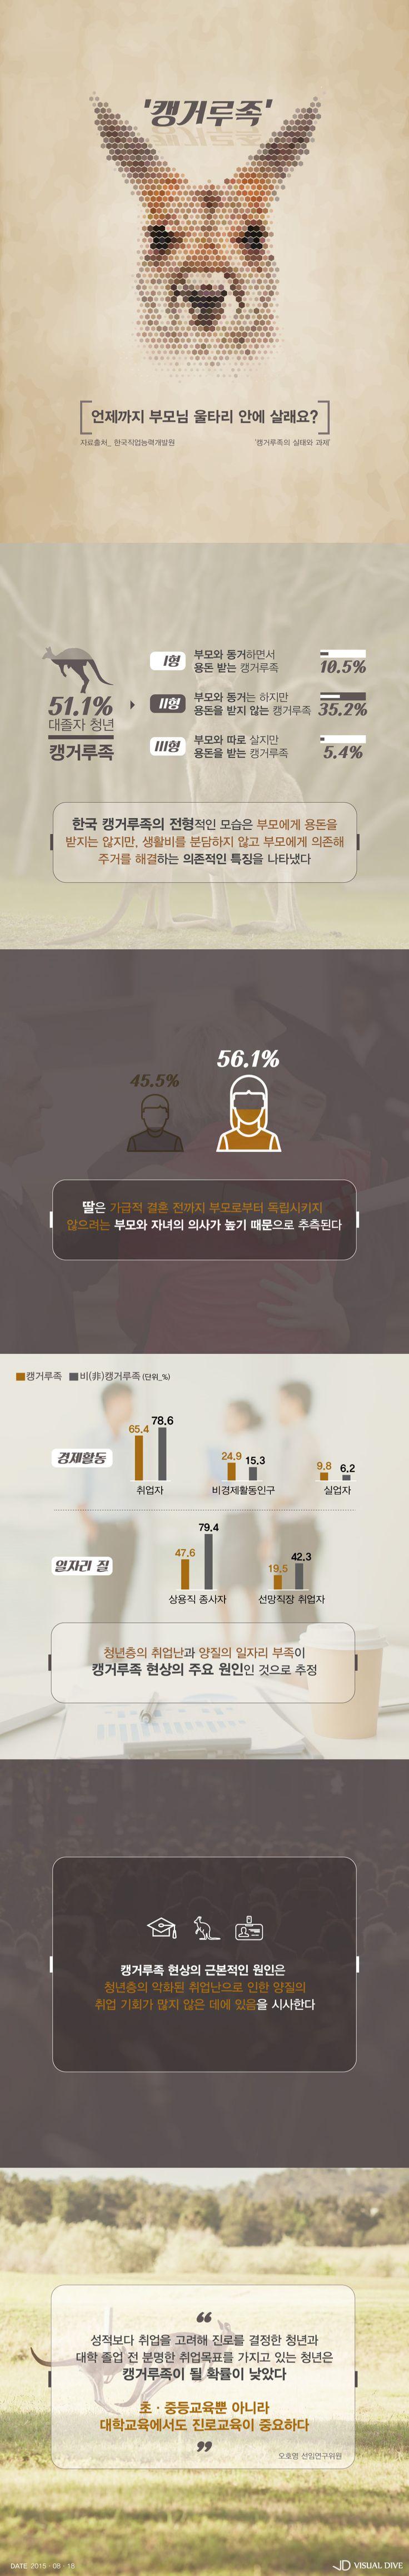 대졸 청년 51% '캥거루족'…당신은 어떤가요? [인포그래픽] #Kangaroo / #Infographic ⓒ 비주얼다이브 무단…